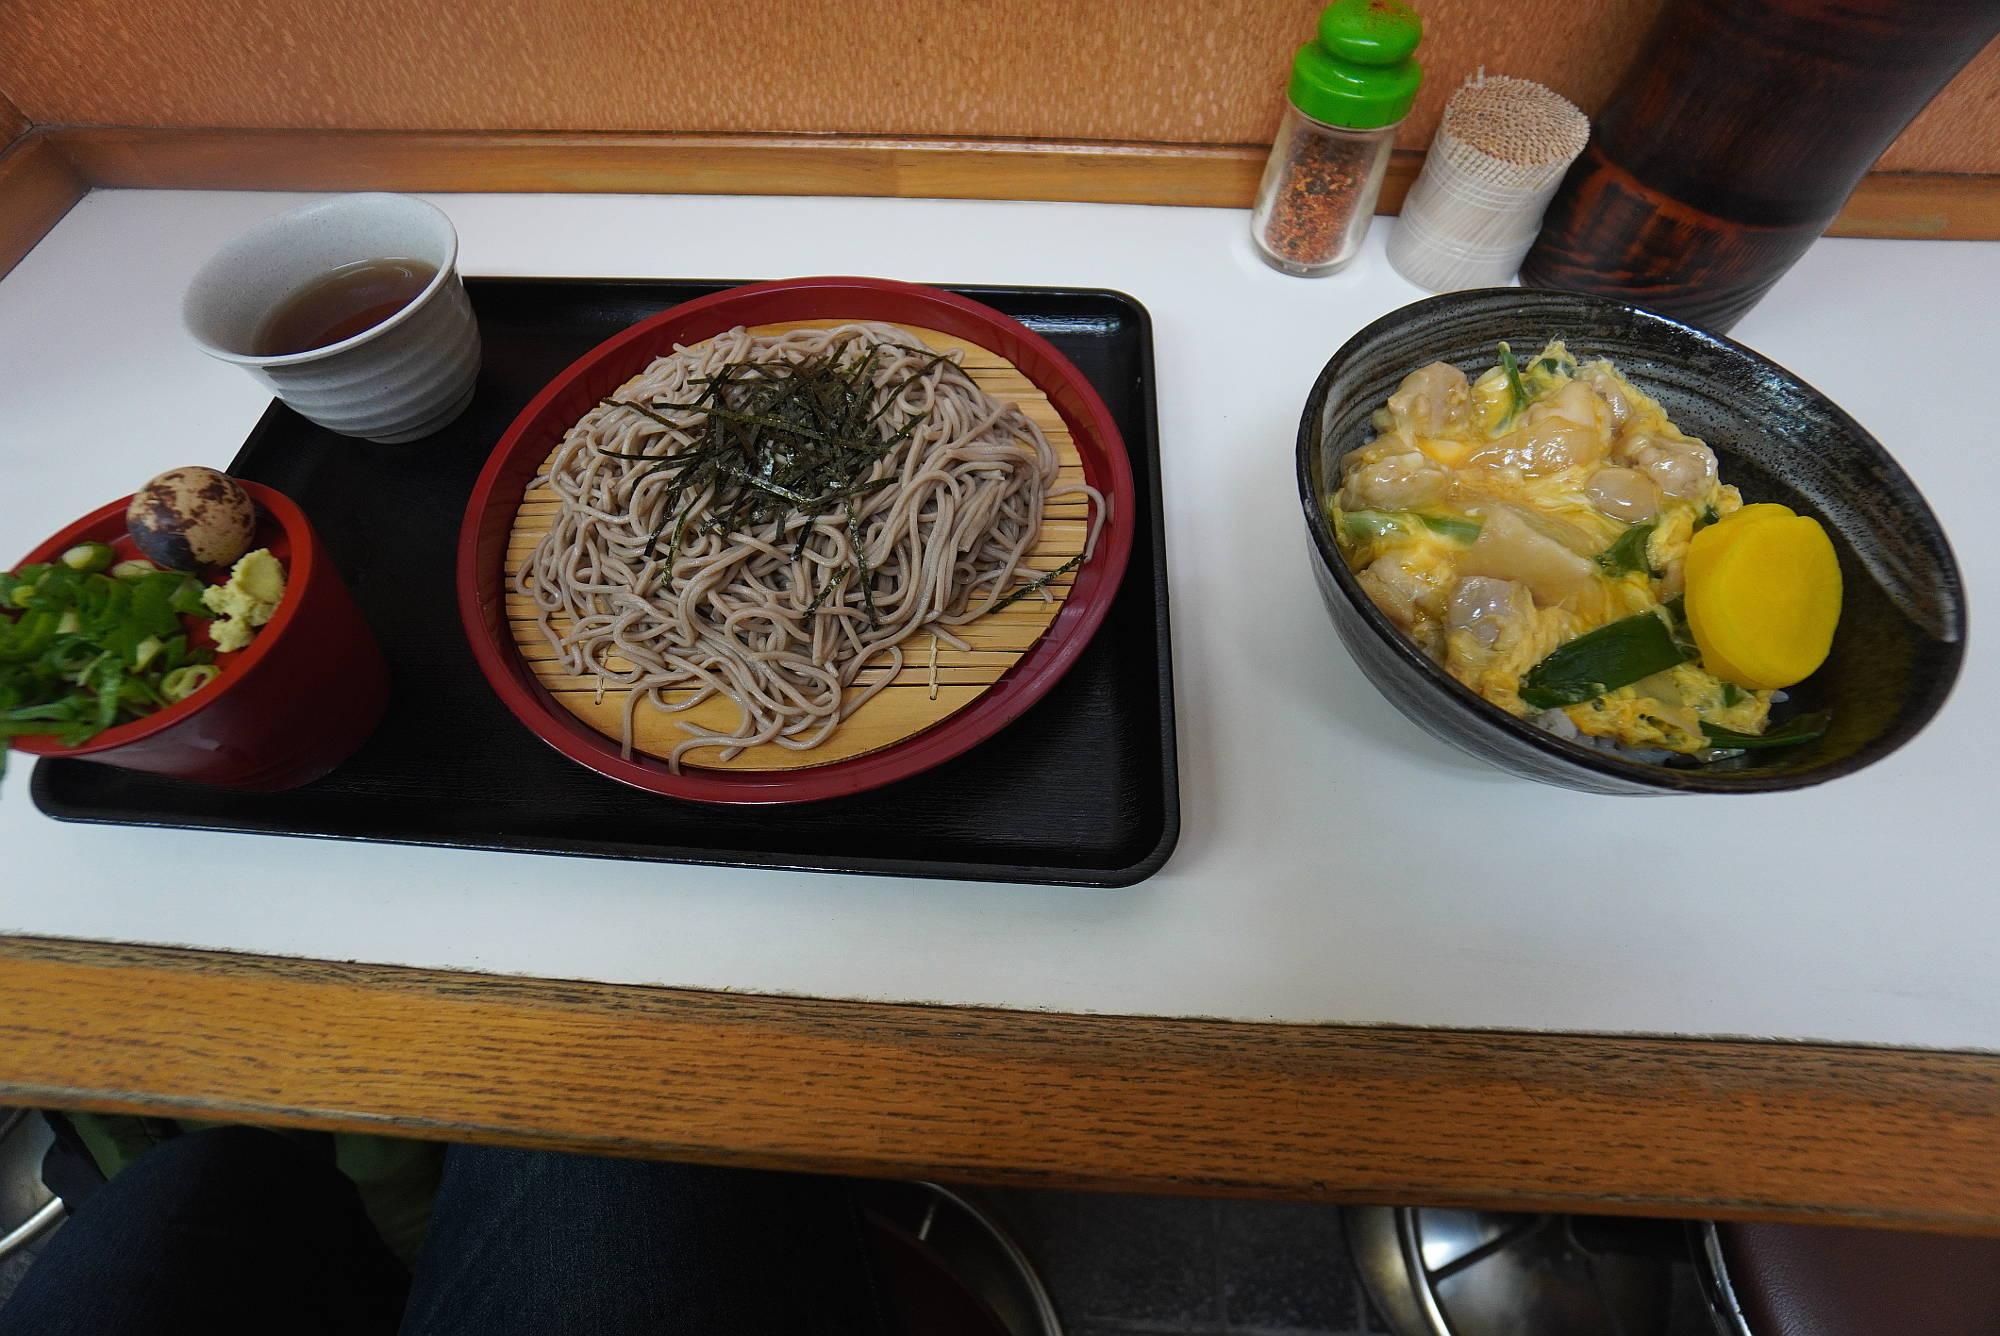 大阪 田舎家のざるそばと親子丼